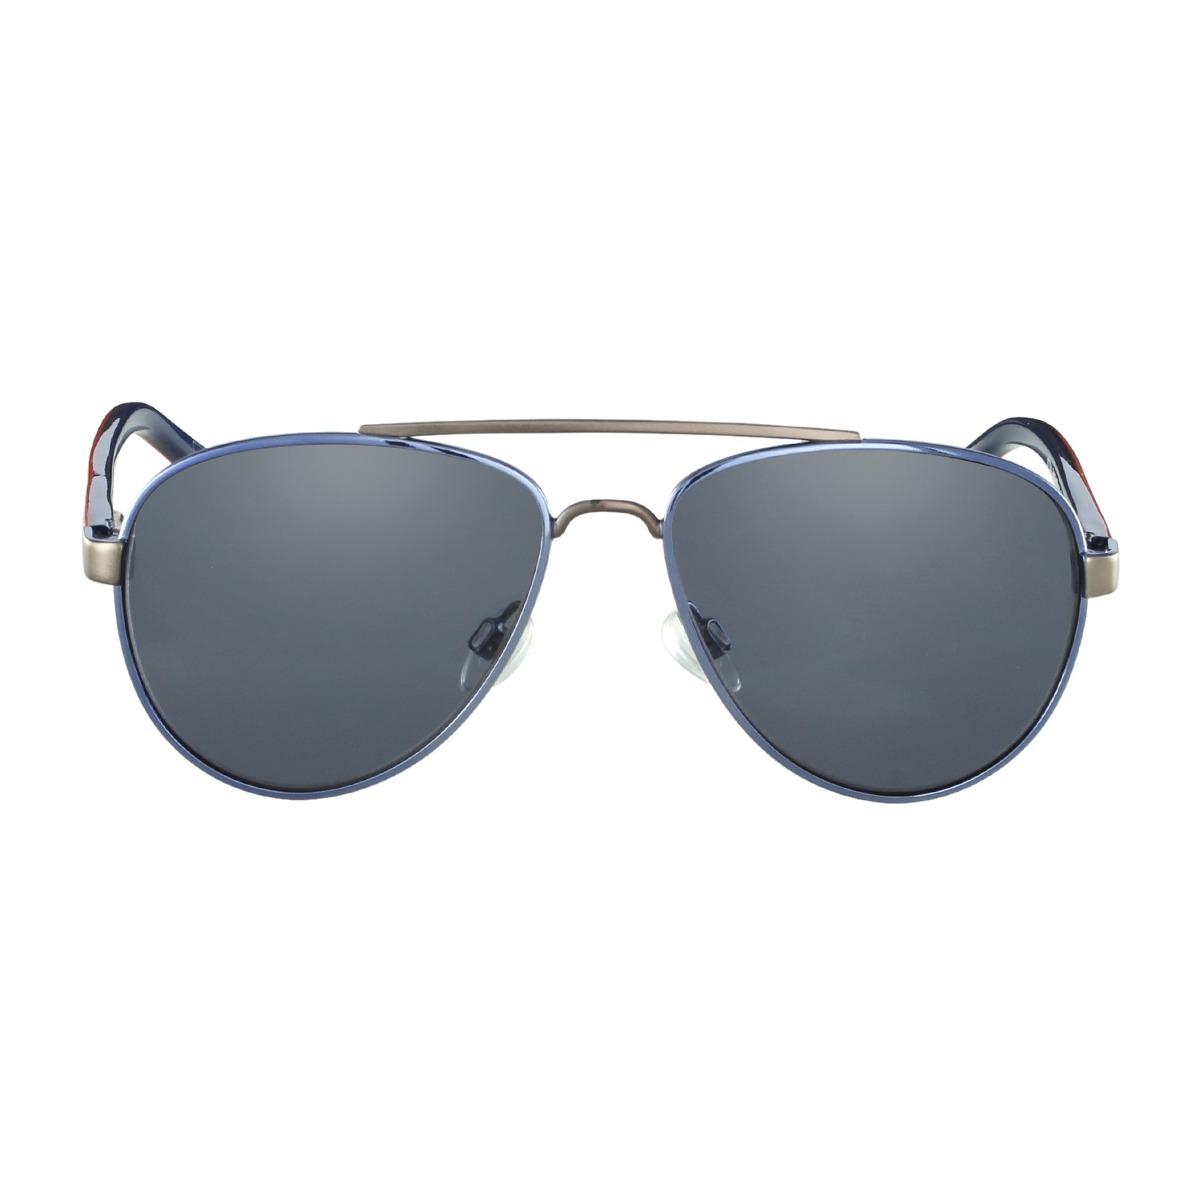 4224e0dc1f7e4 óculos de sol tigor t tigre casual azul. Carregando zoom.